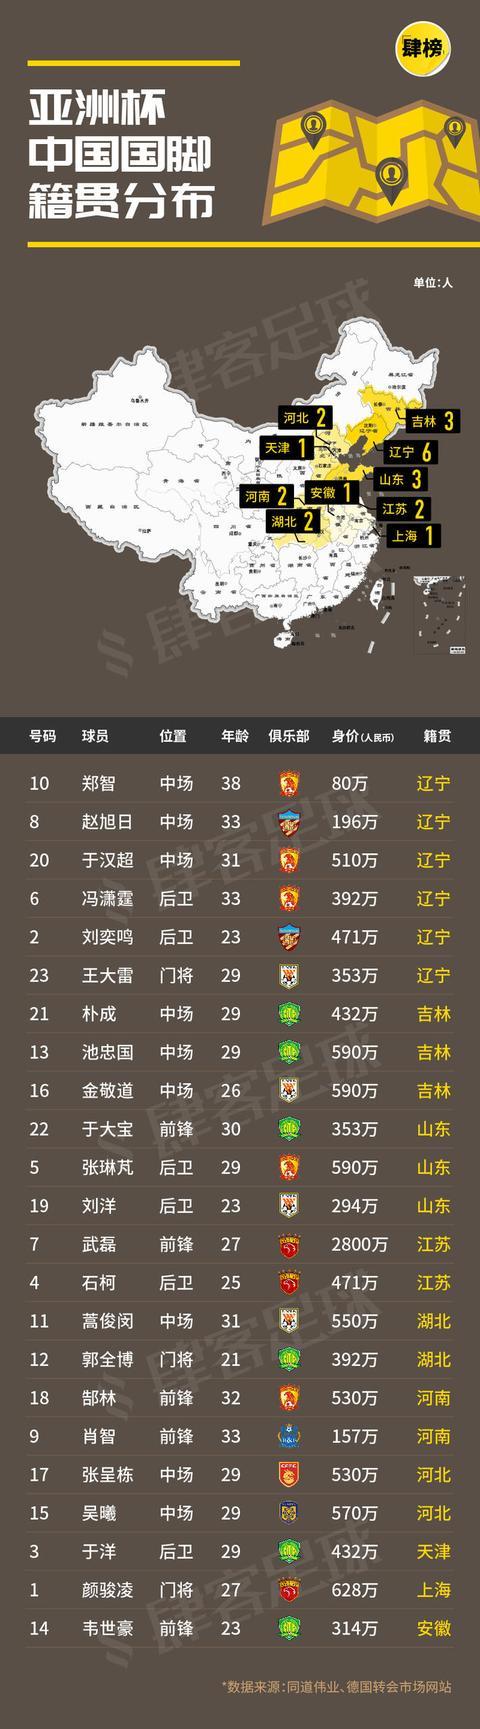 中国球员籍贯分布:辽宁超山东、湖北、广东,亚洲杯贡献6大国脚